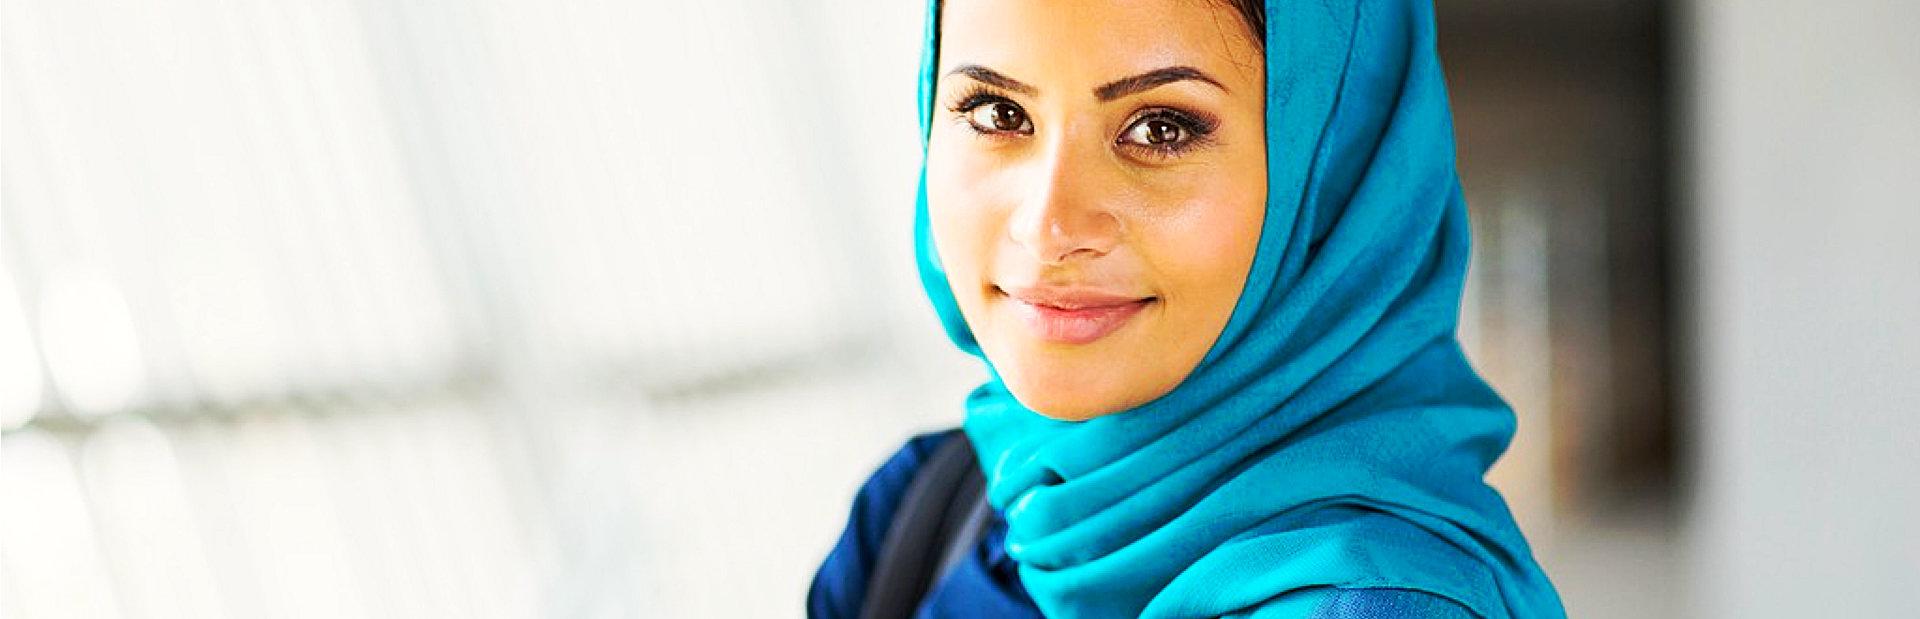 female muslim